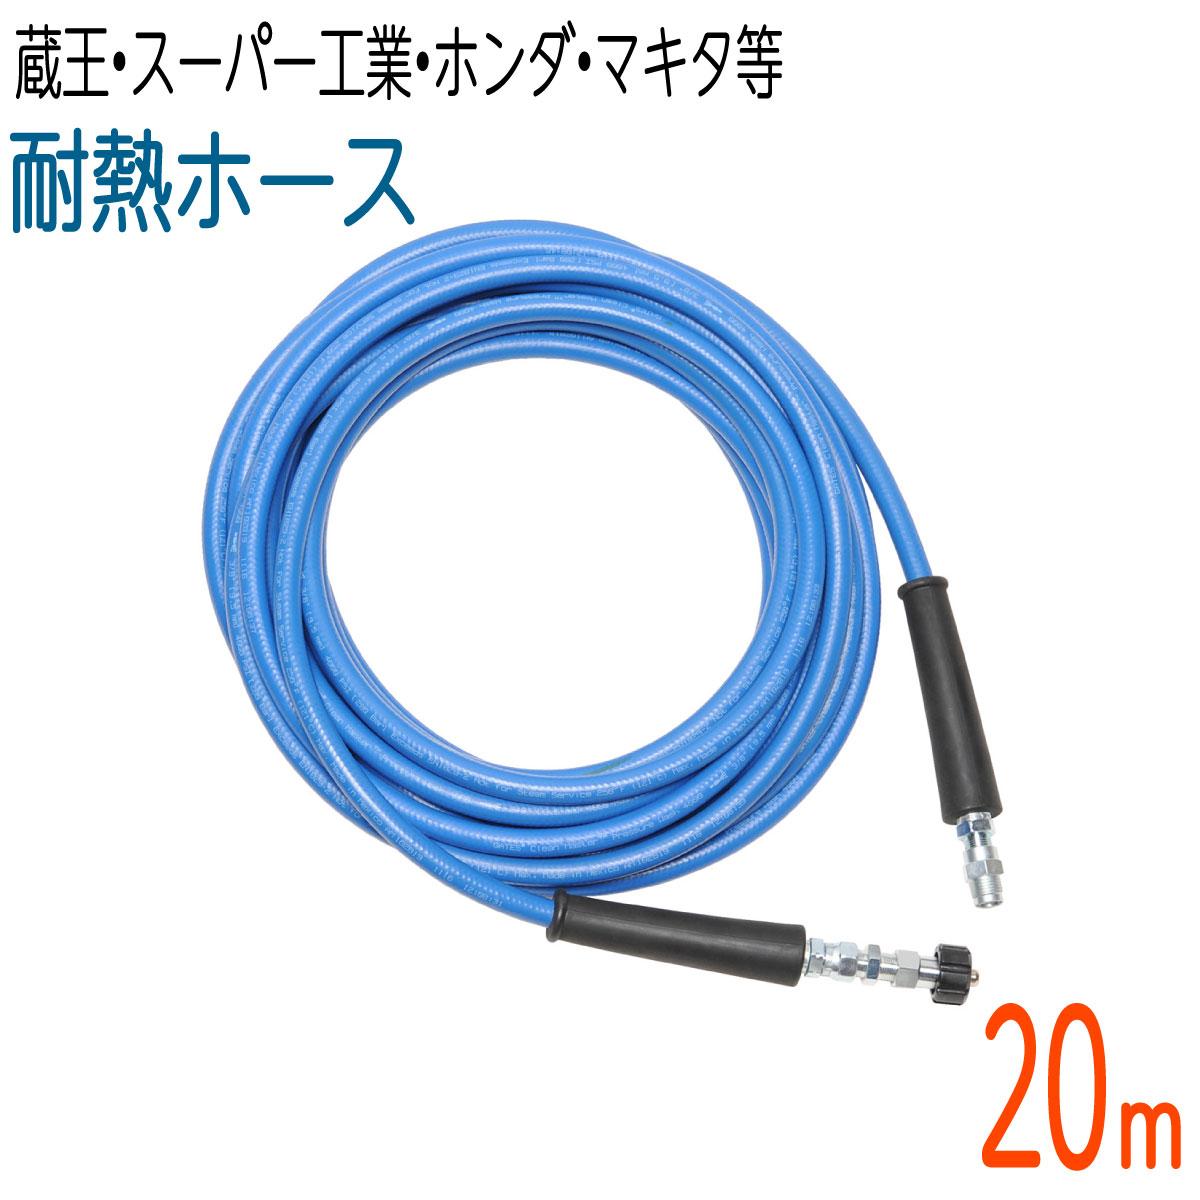 【20M】【耐熱ホース】280K 3/8サイズ ワンタッチカプラ付